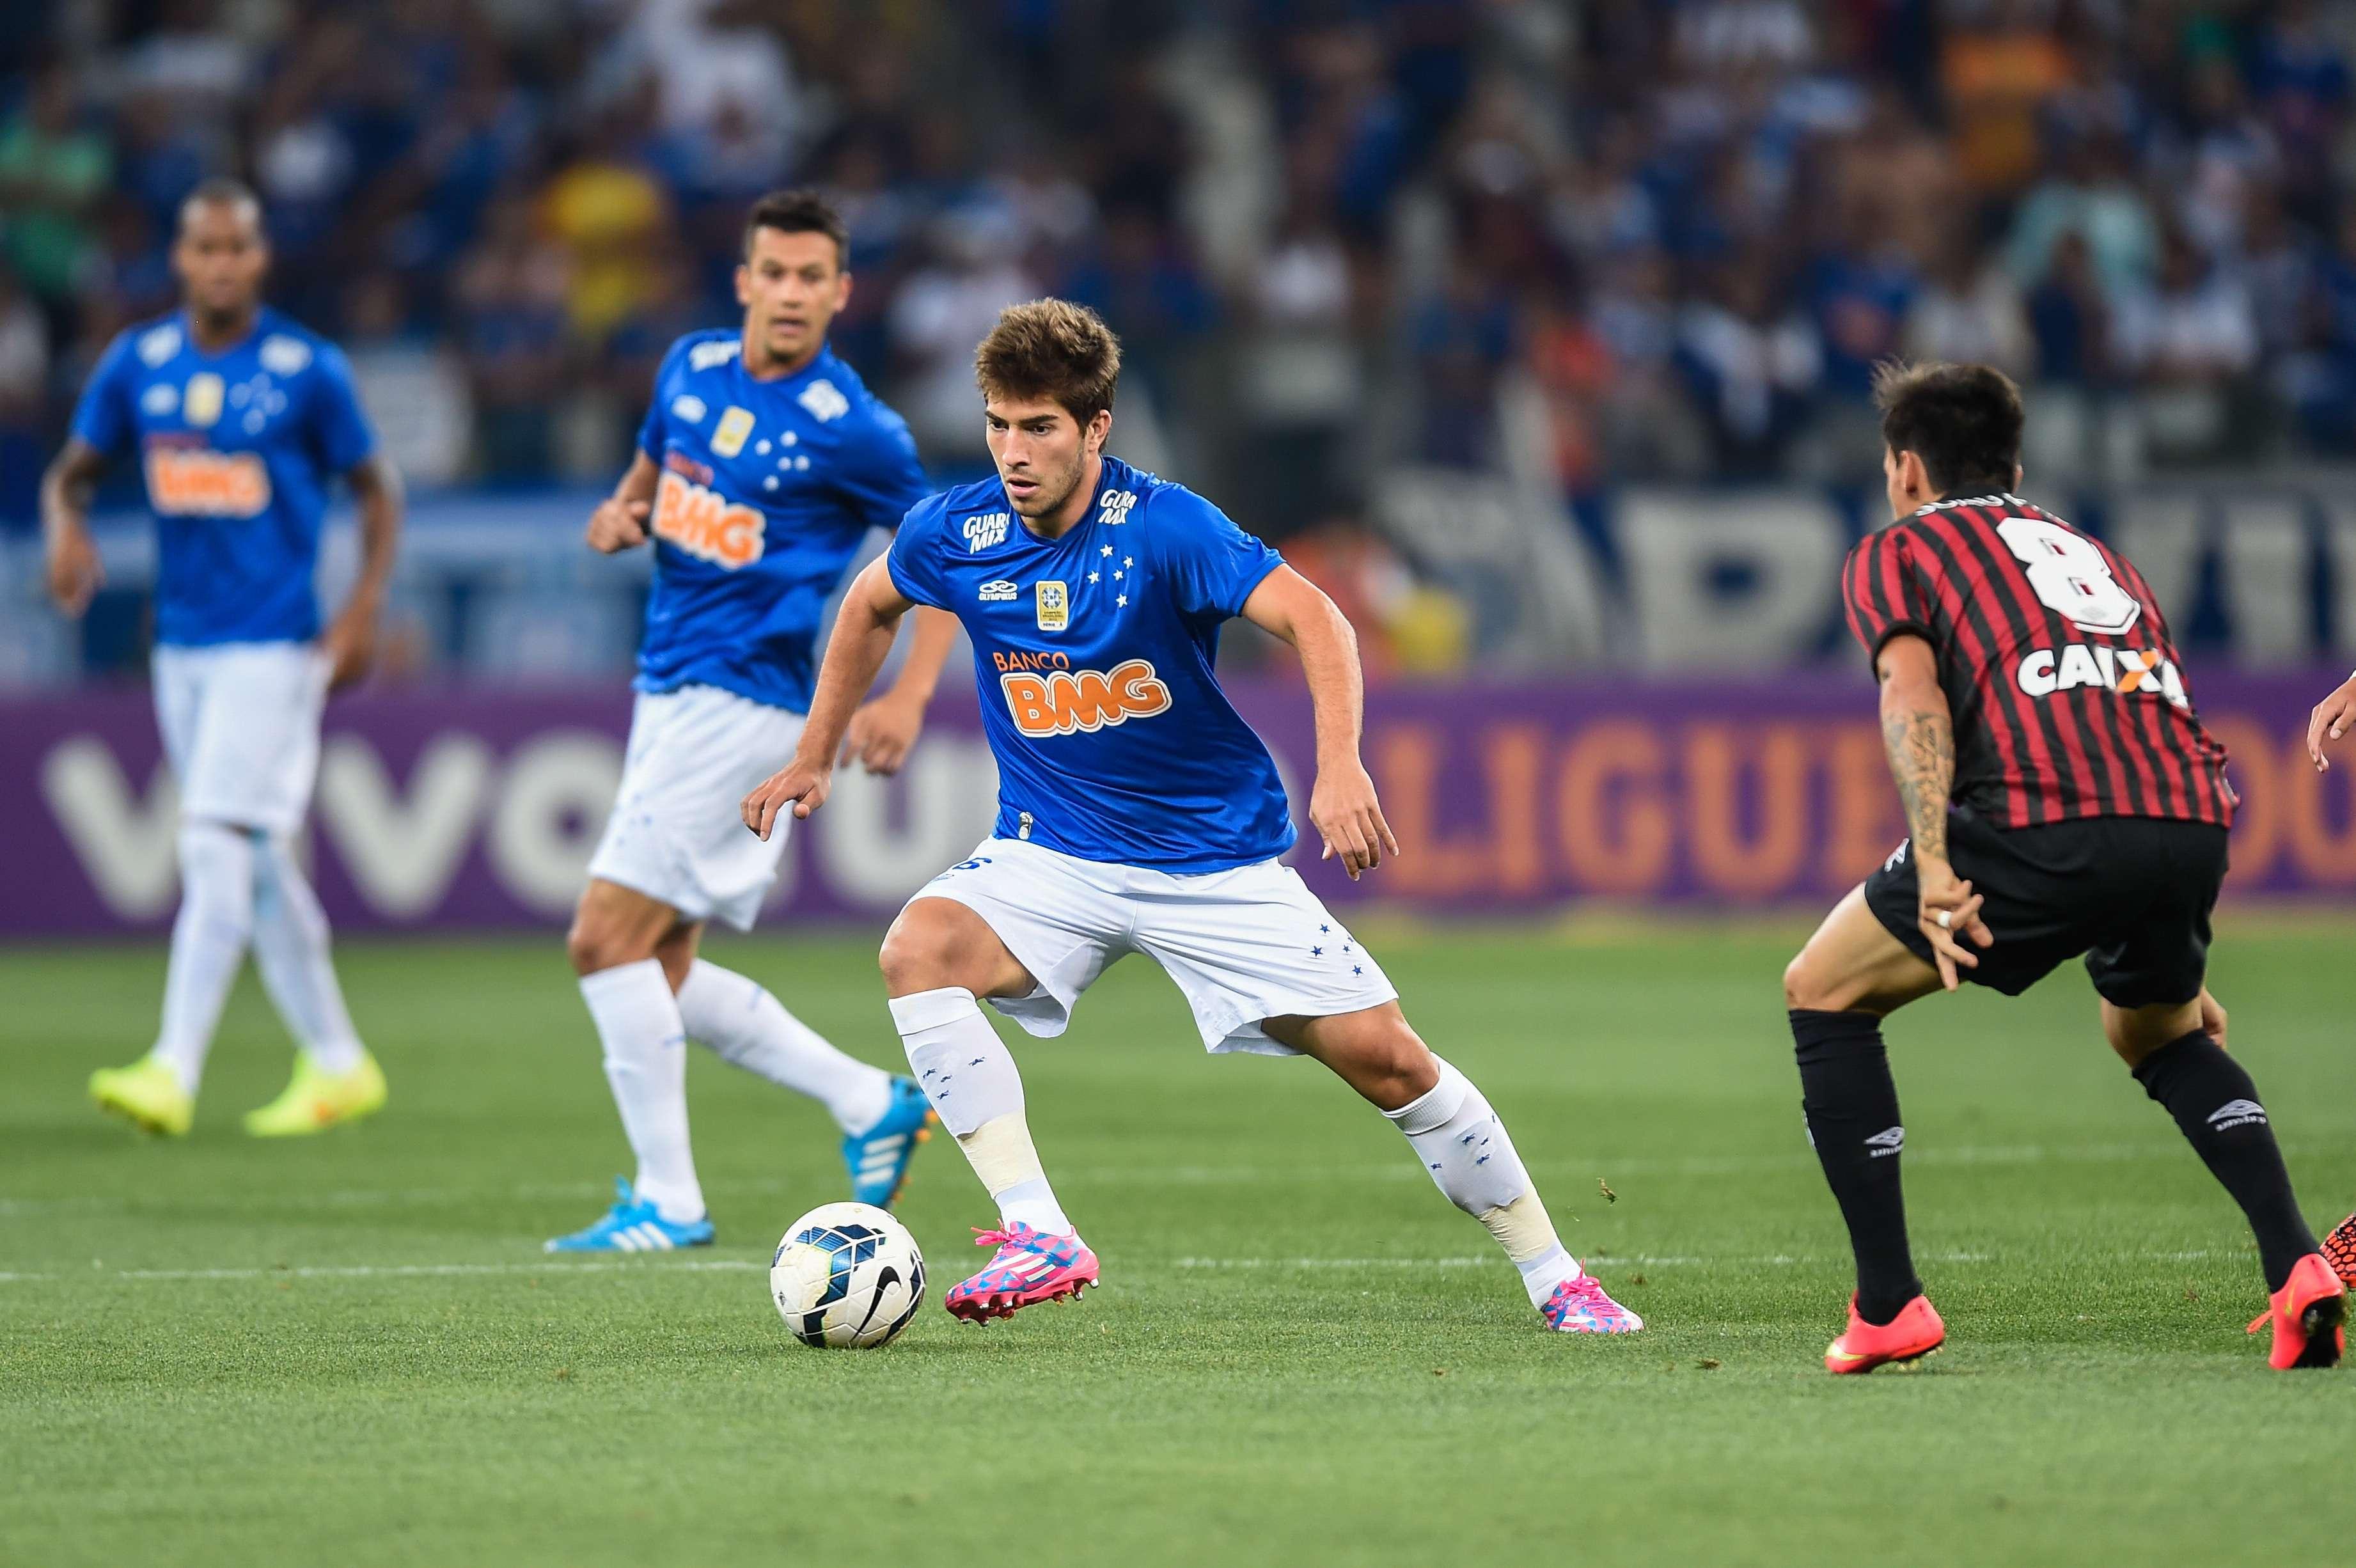 Lucas Silva arrisca jogada no Mineirão Foto: Pedro Vilela/Getty Images